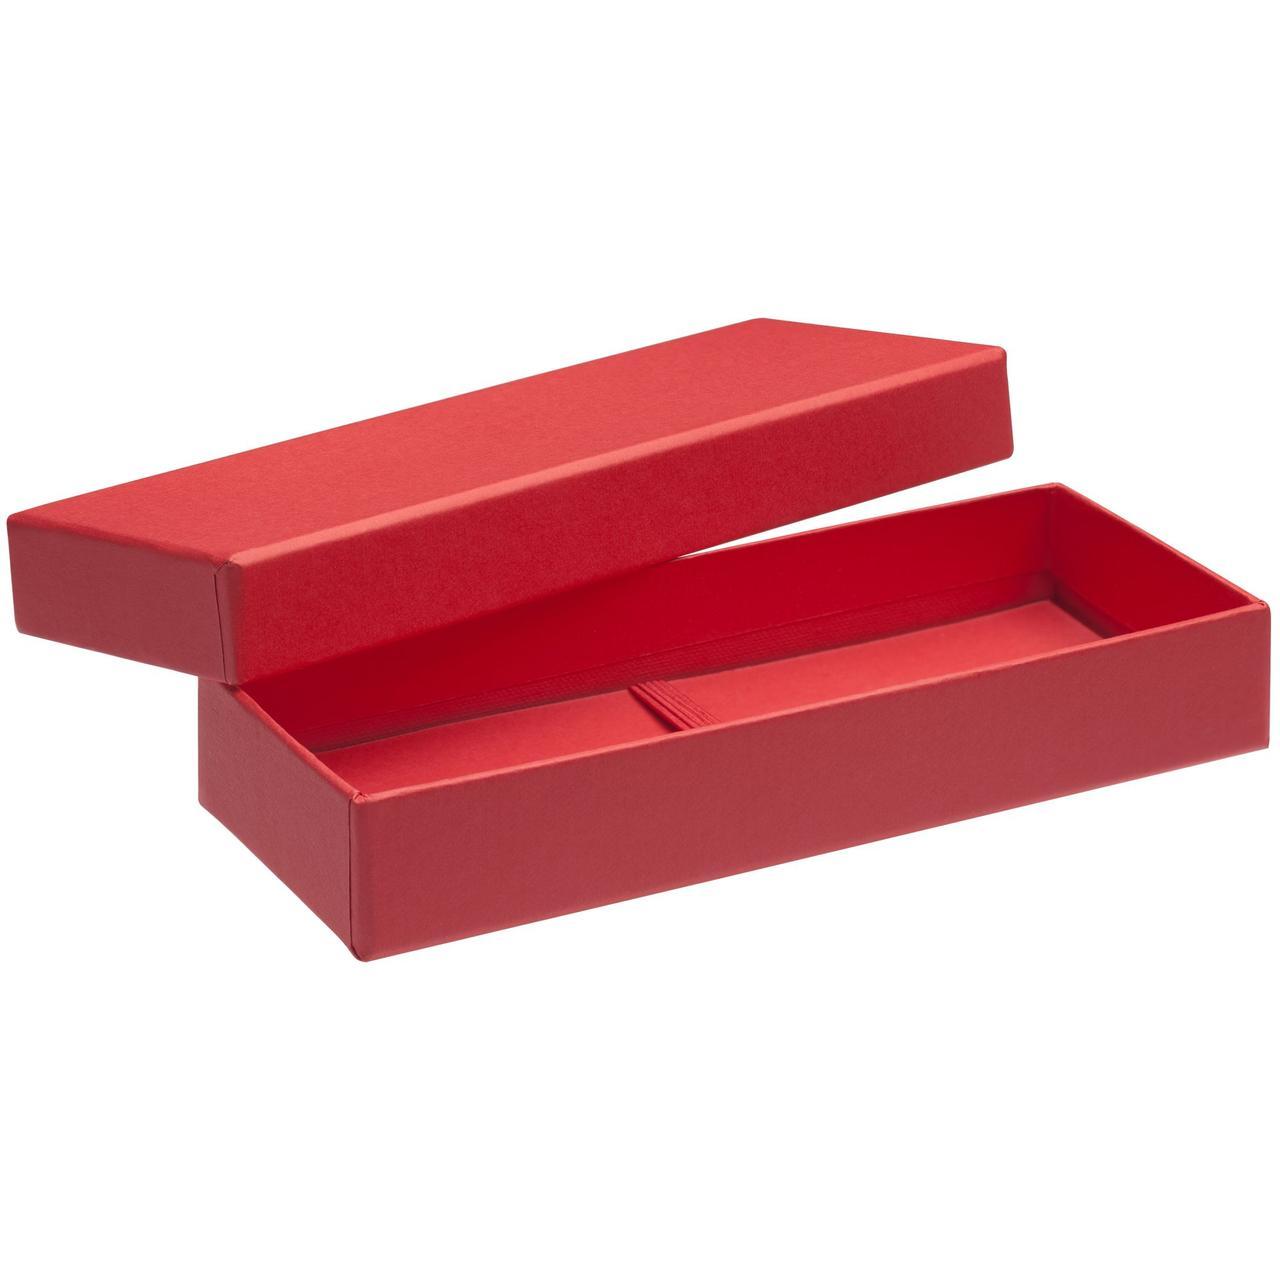 Коробка Tackle, красная (артикул 7956.50)